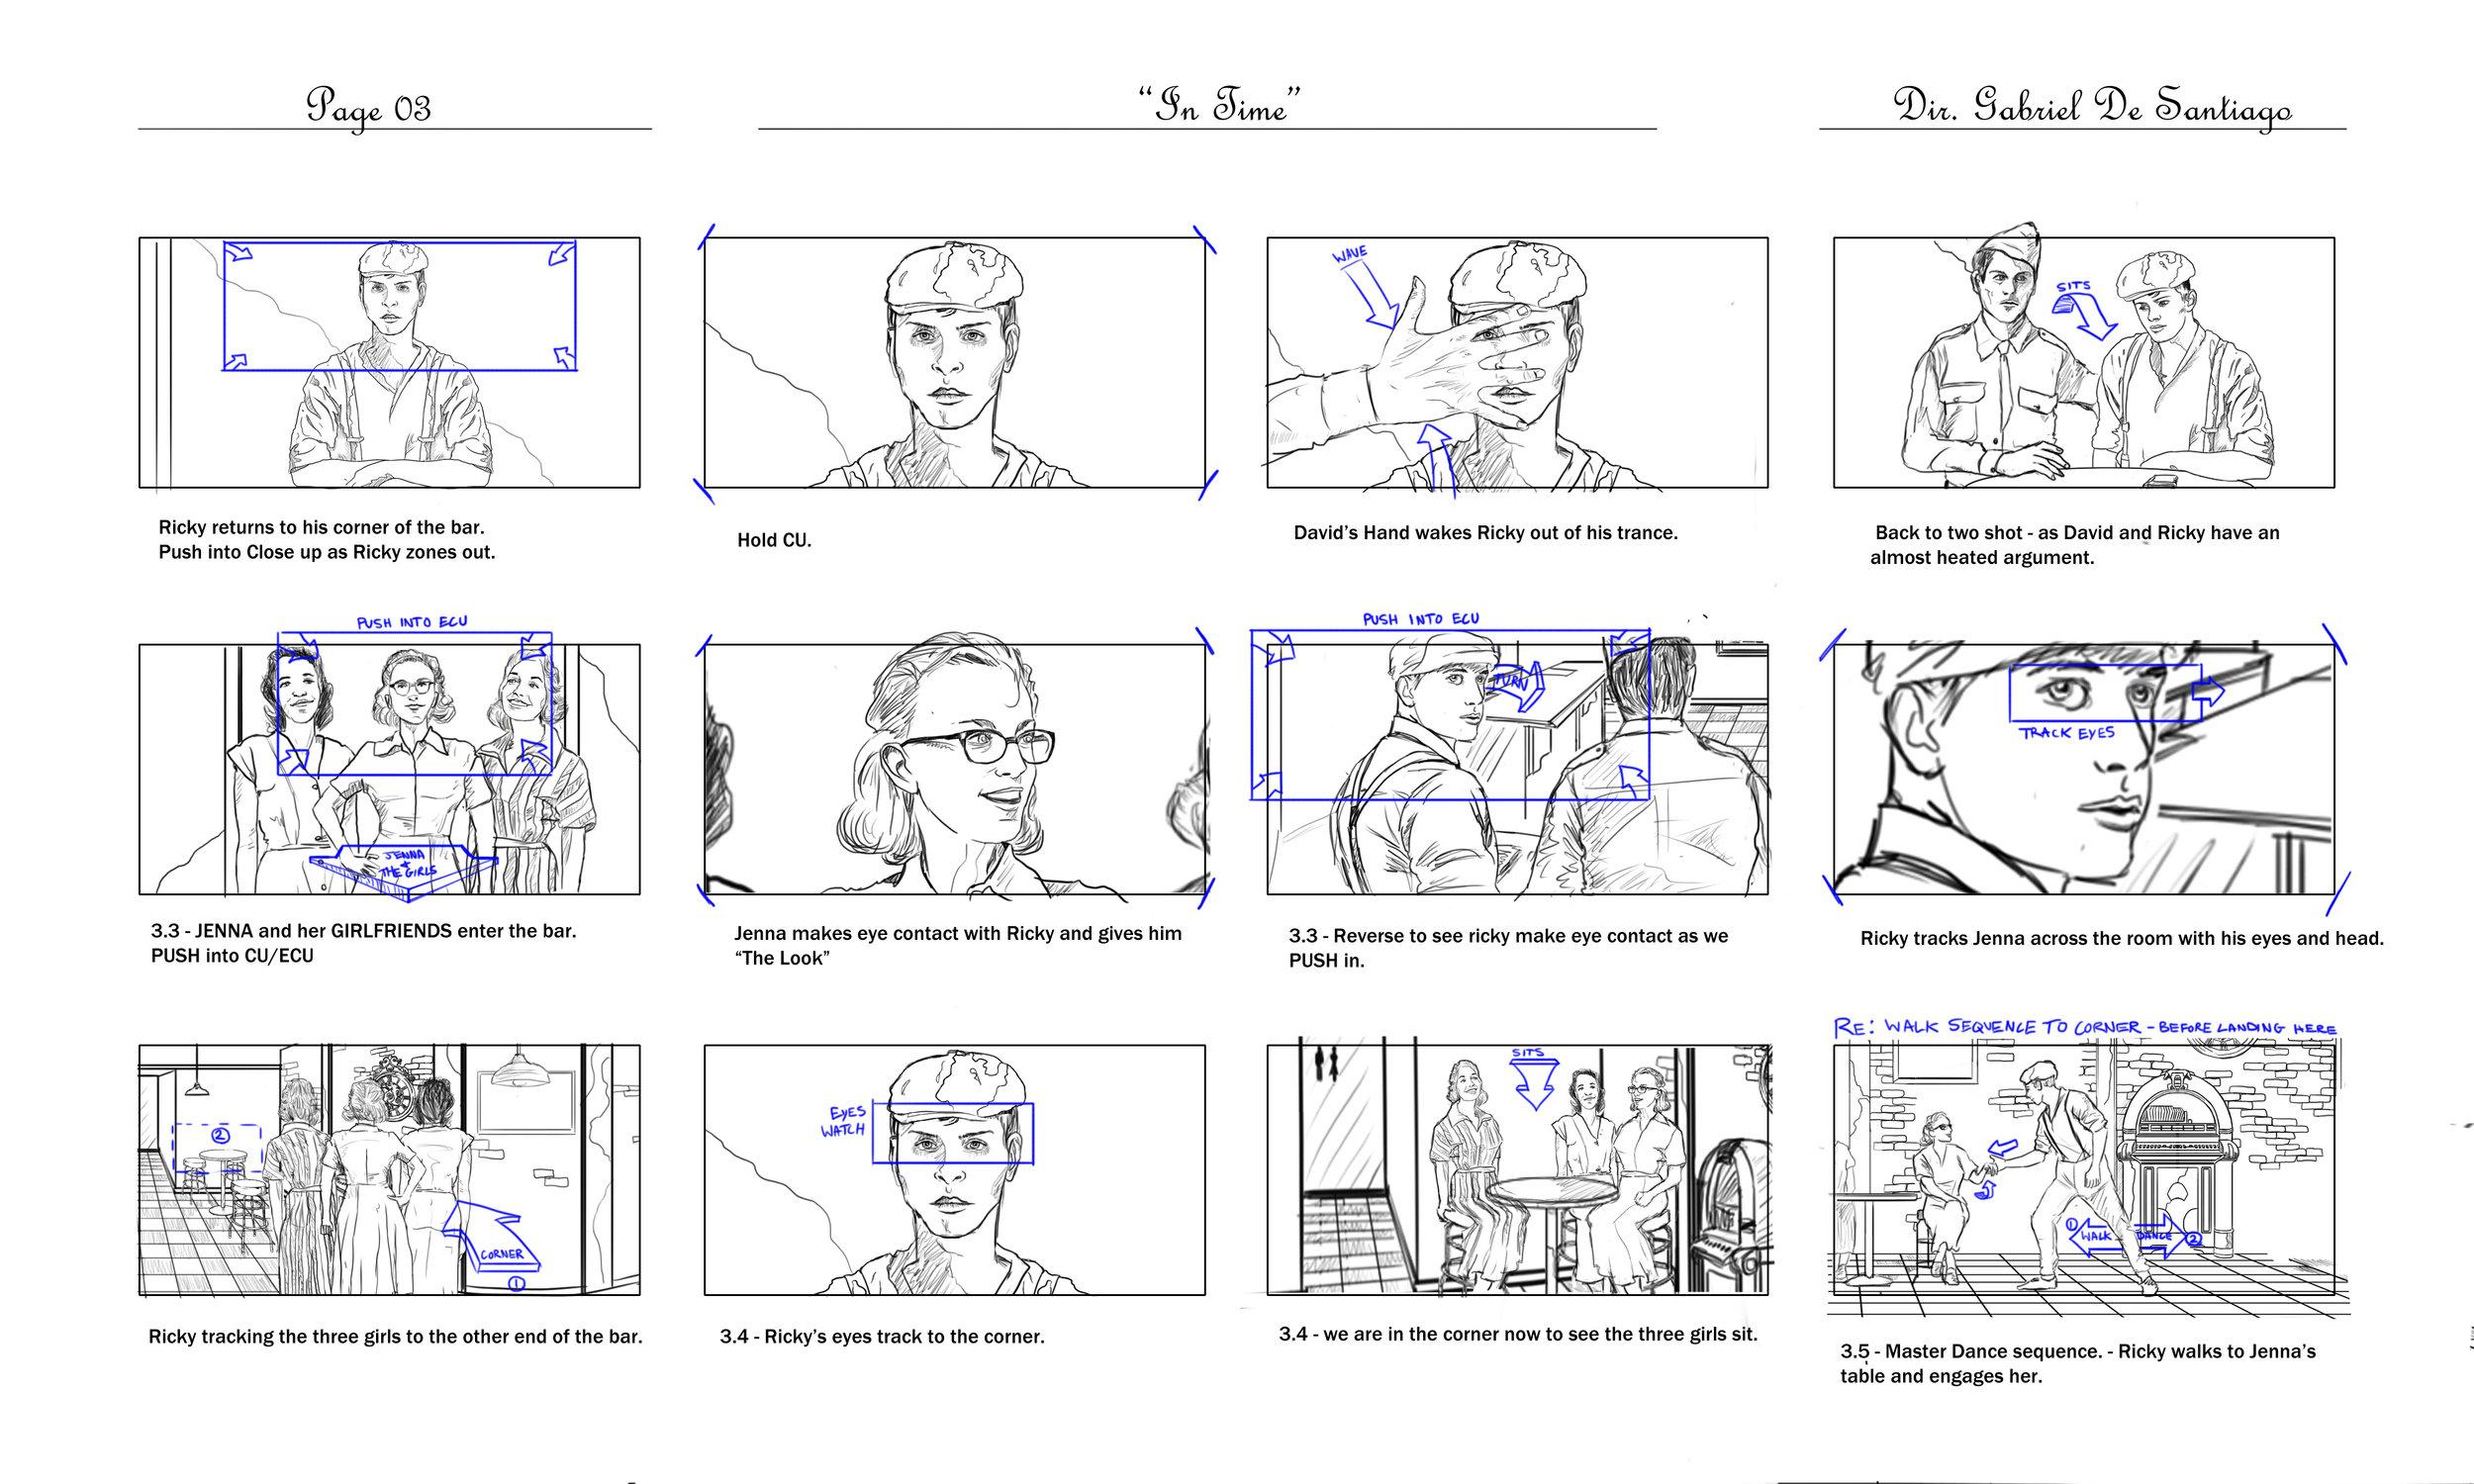 FINAL_IN TIME STORYBOARD_pg 03.jpg